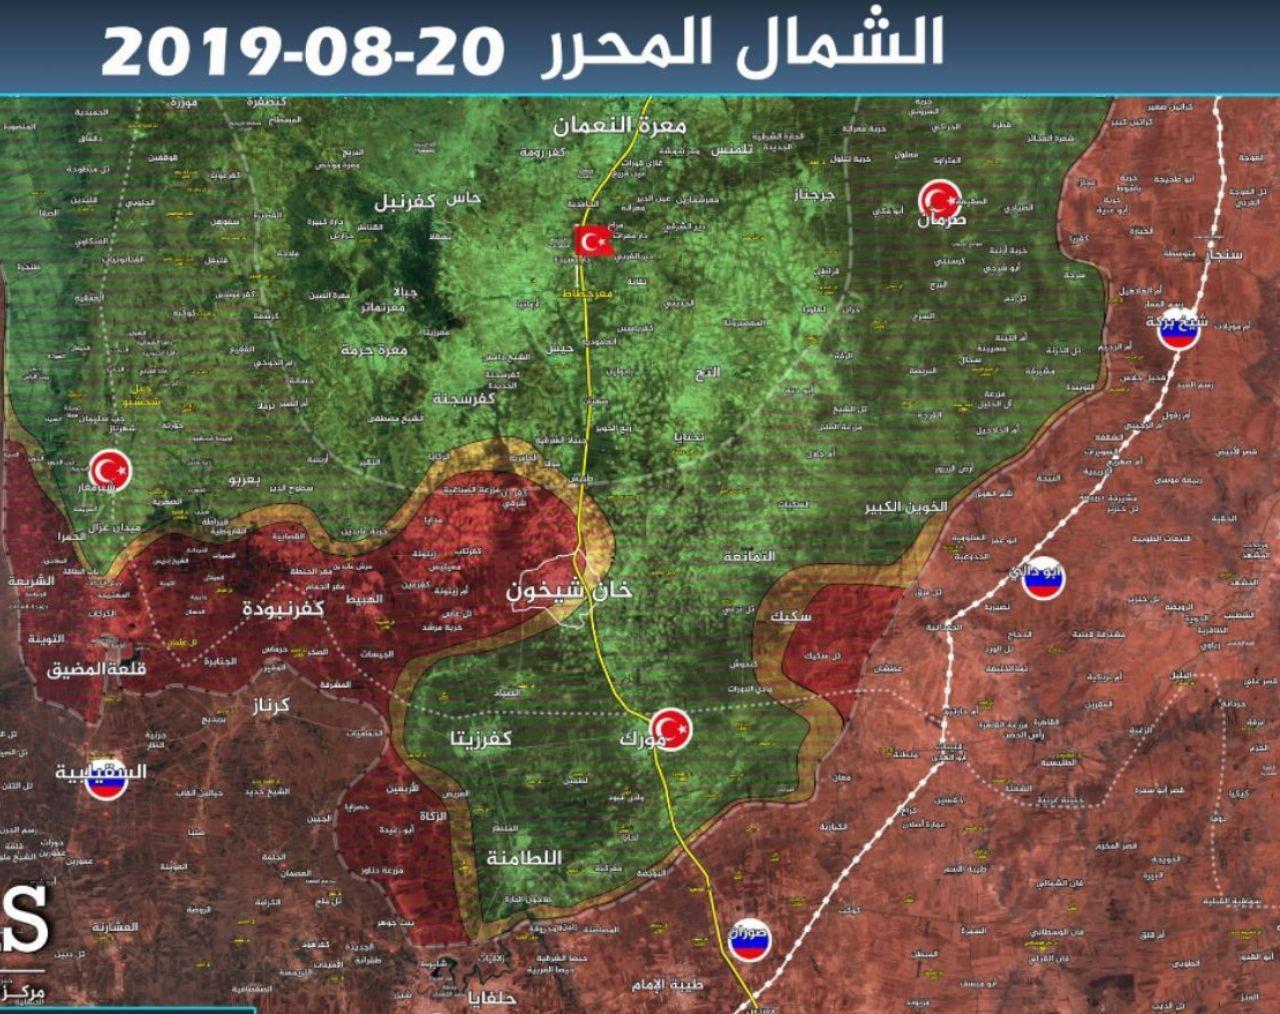 خريطة السيطرة في ريف إدلب الجنوبي وريف حماة الشمالي 20 8 2019 City Photo Photo City